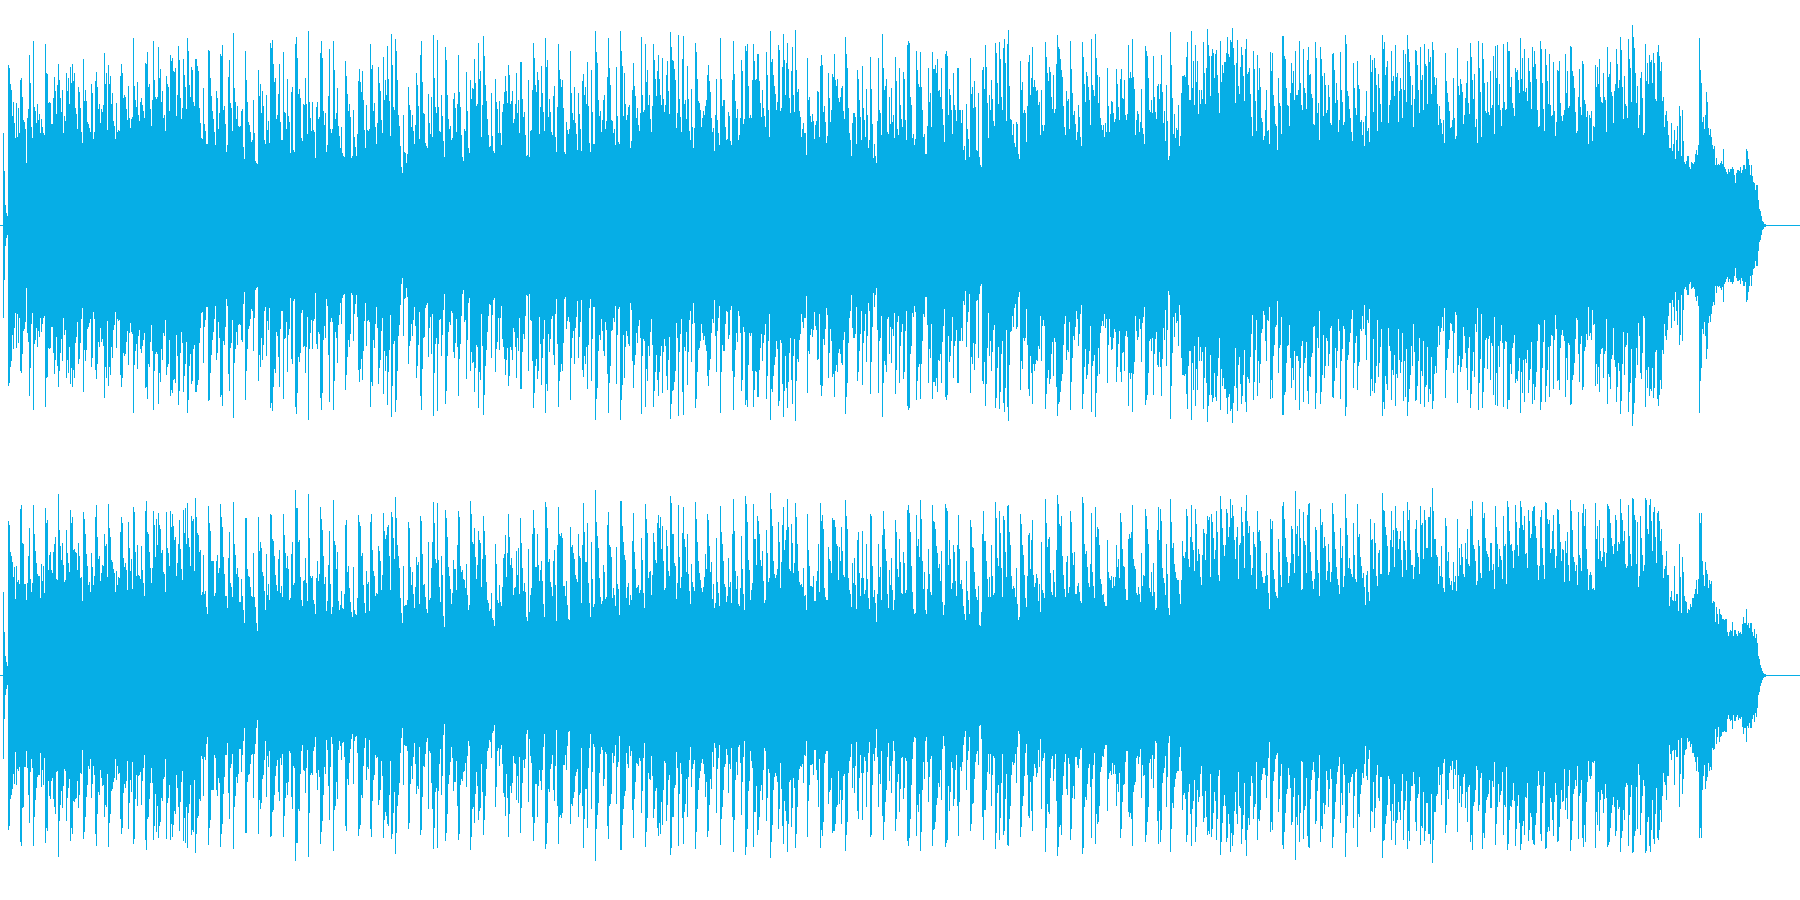 思い出が輝き続けるニューミュージックの再生済みの波形